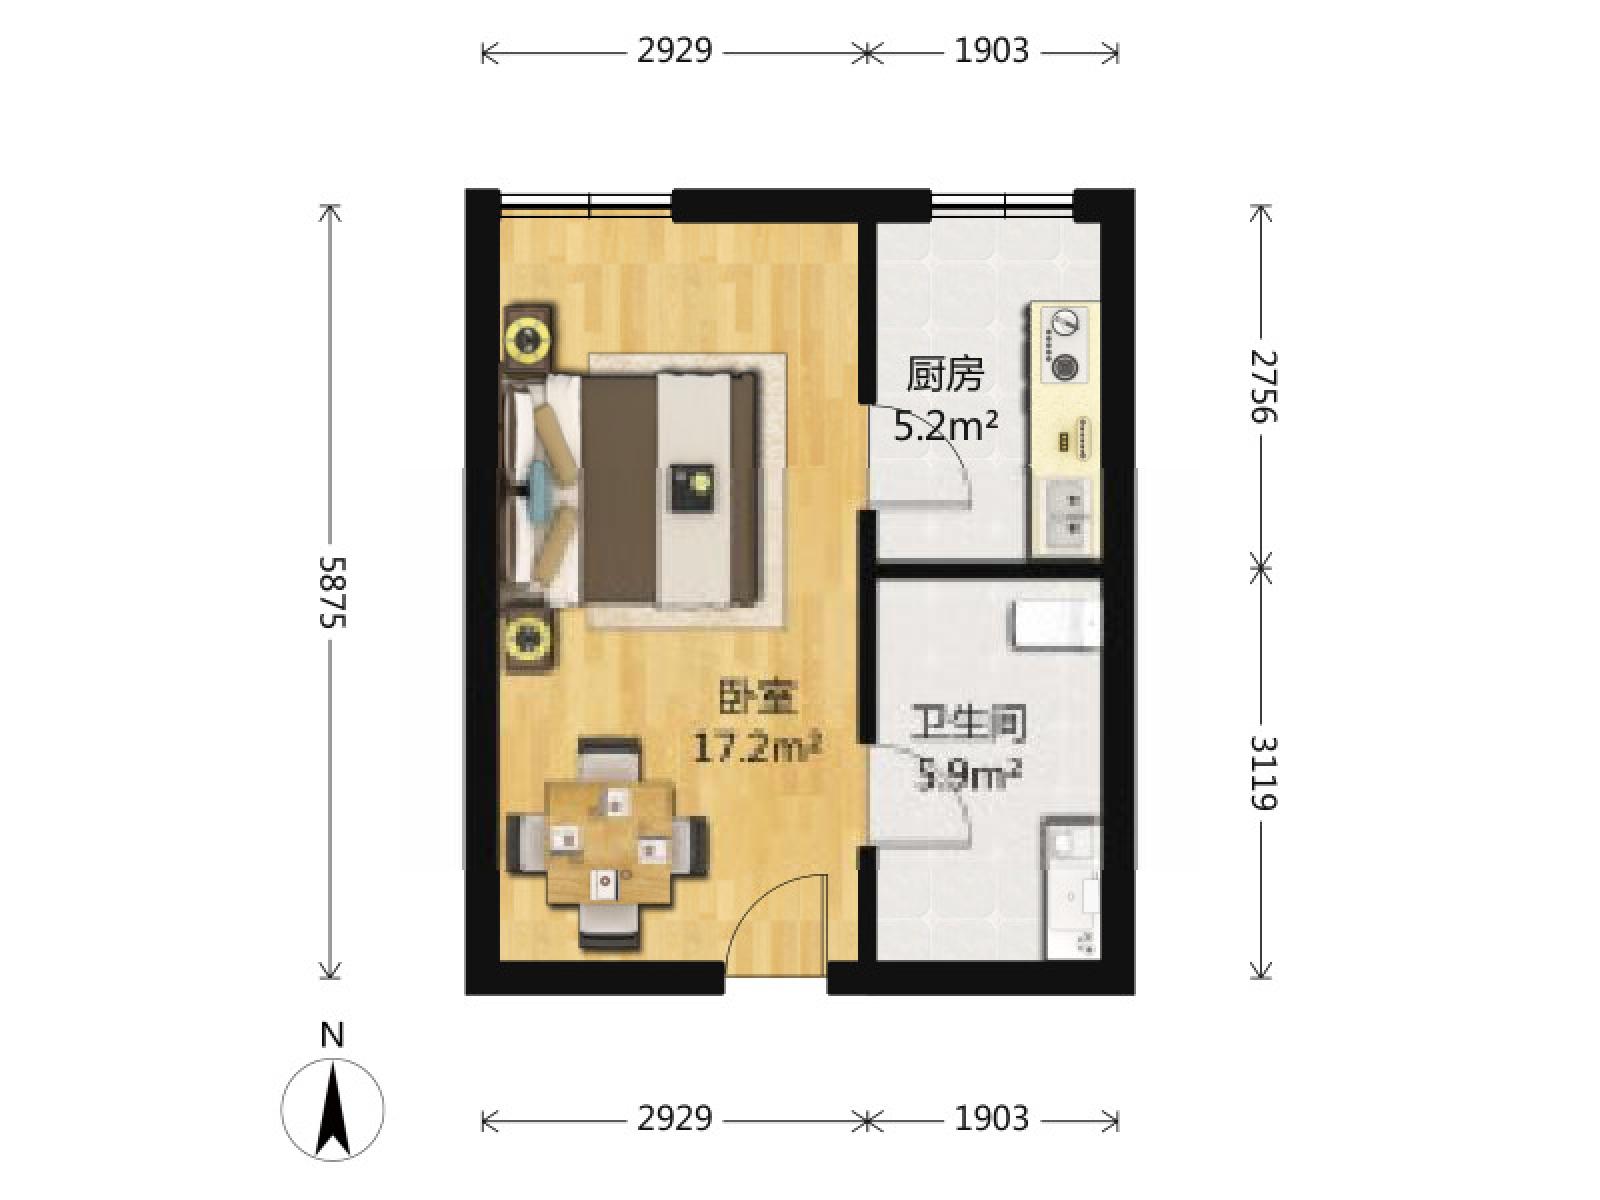 秦淮区升州路天安恒隆花园1室1厅户型图